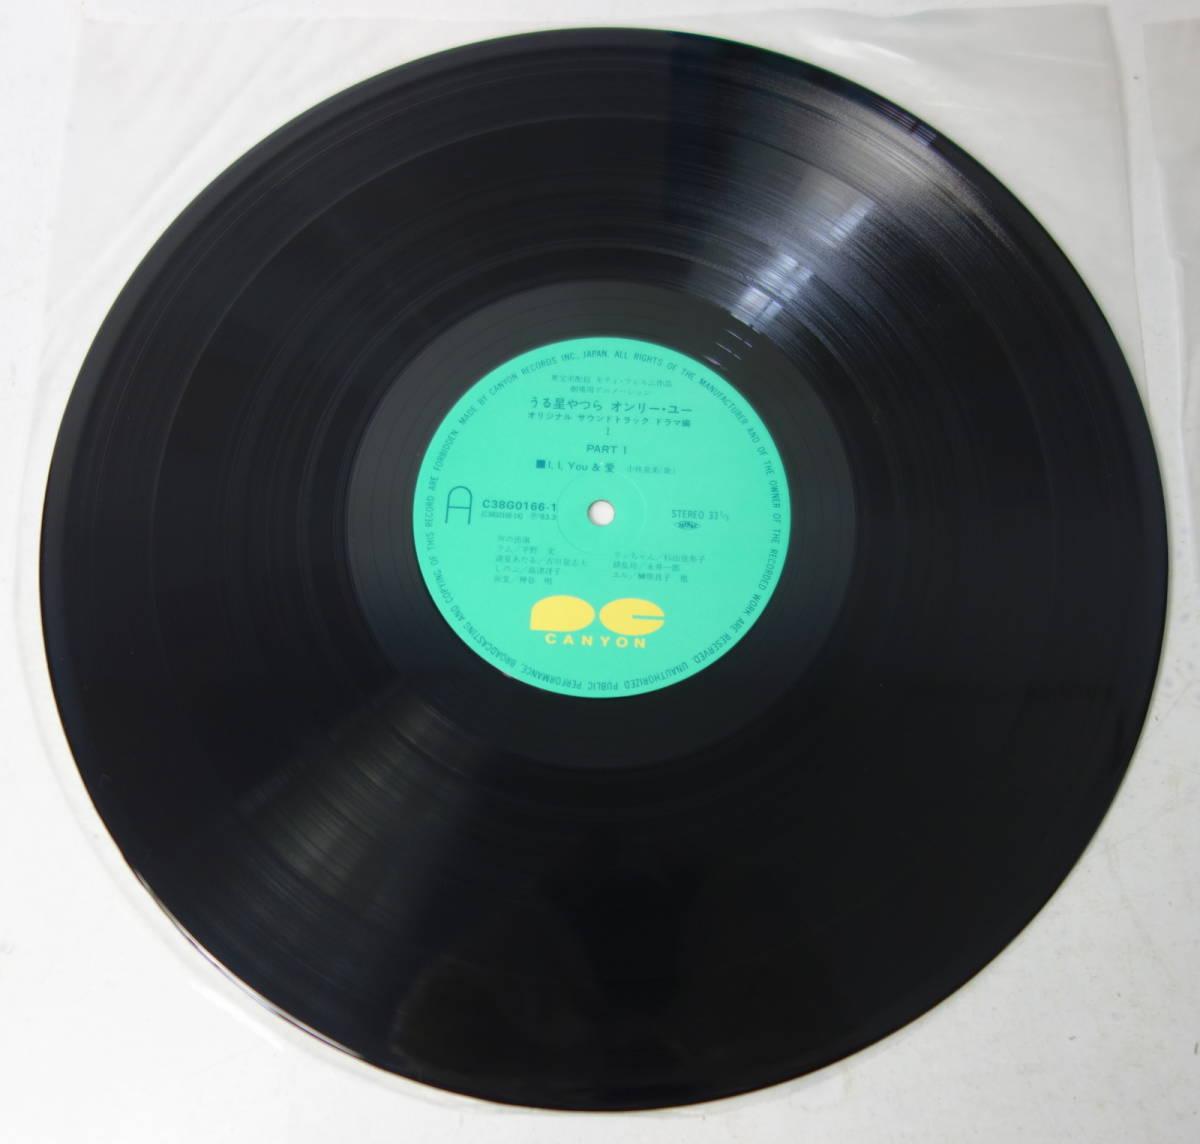 アニメ LP レコード 36枚 大量 まとめてセット うる星やつら ウラシマン キャプテンハーロック 千年女王 宇宙戦艦ヤマト 日本昔ばなし_画像10